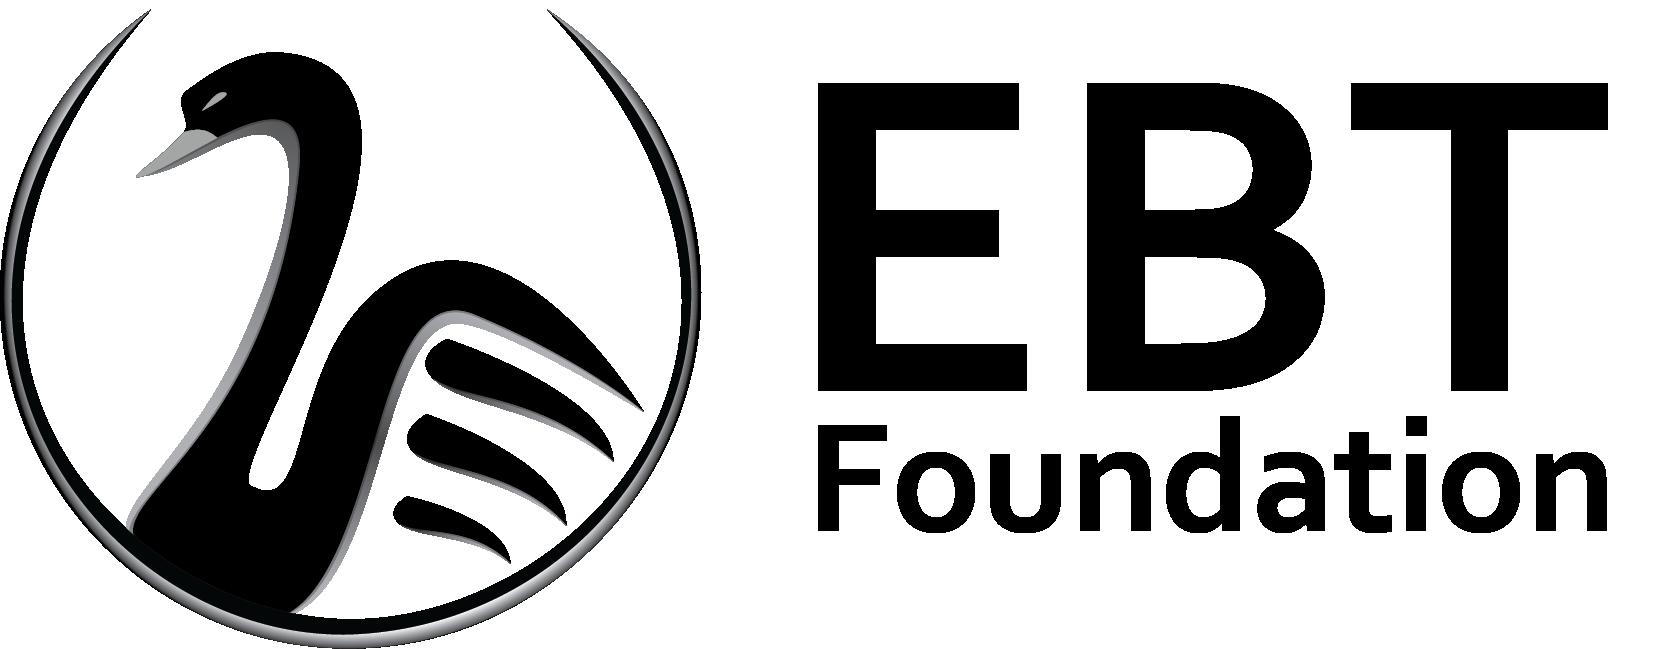 Logo_EvidenceBased_EBT-Foundation-10.png